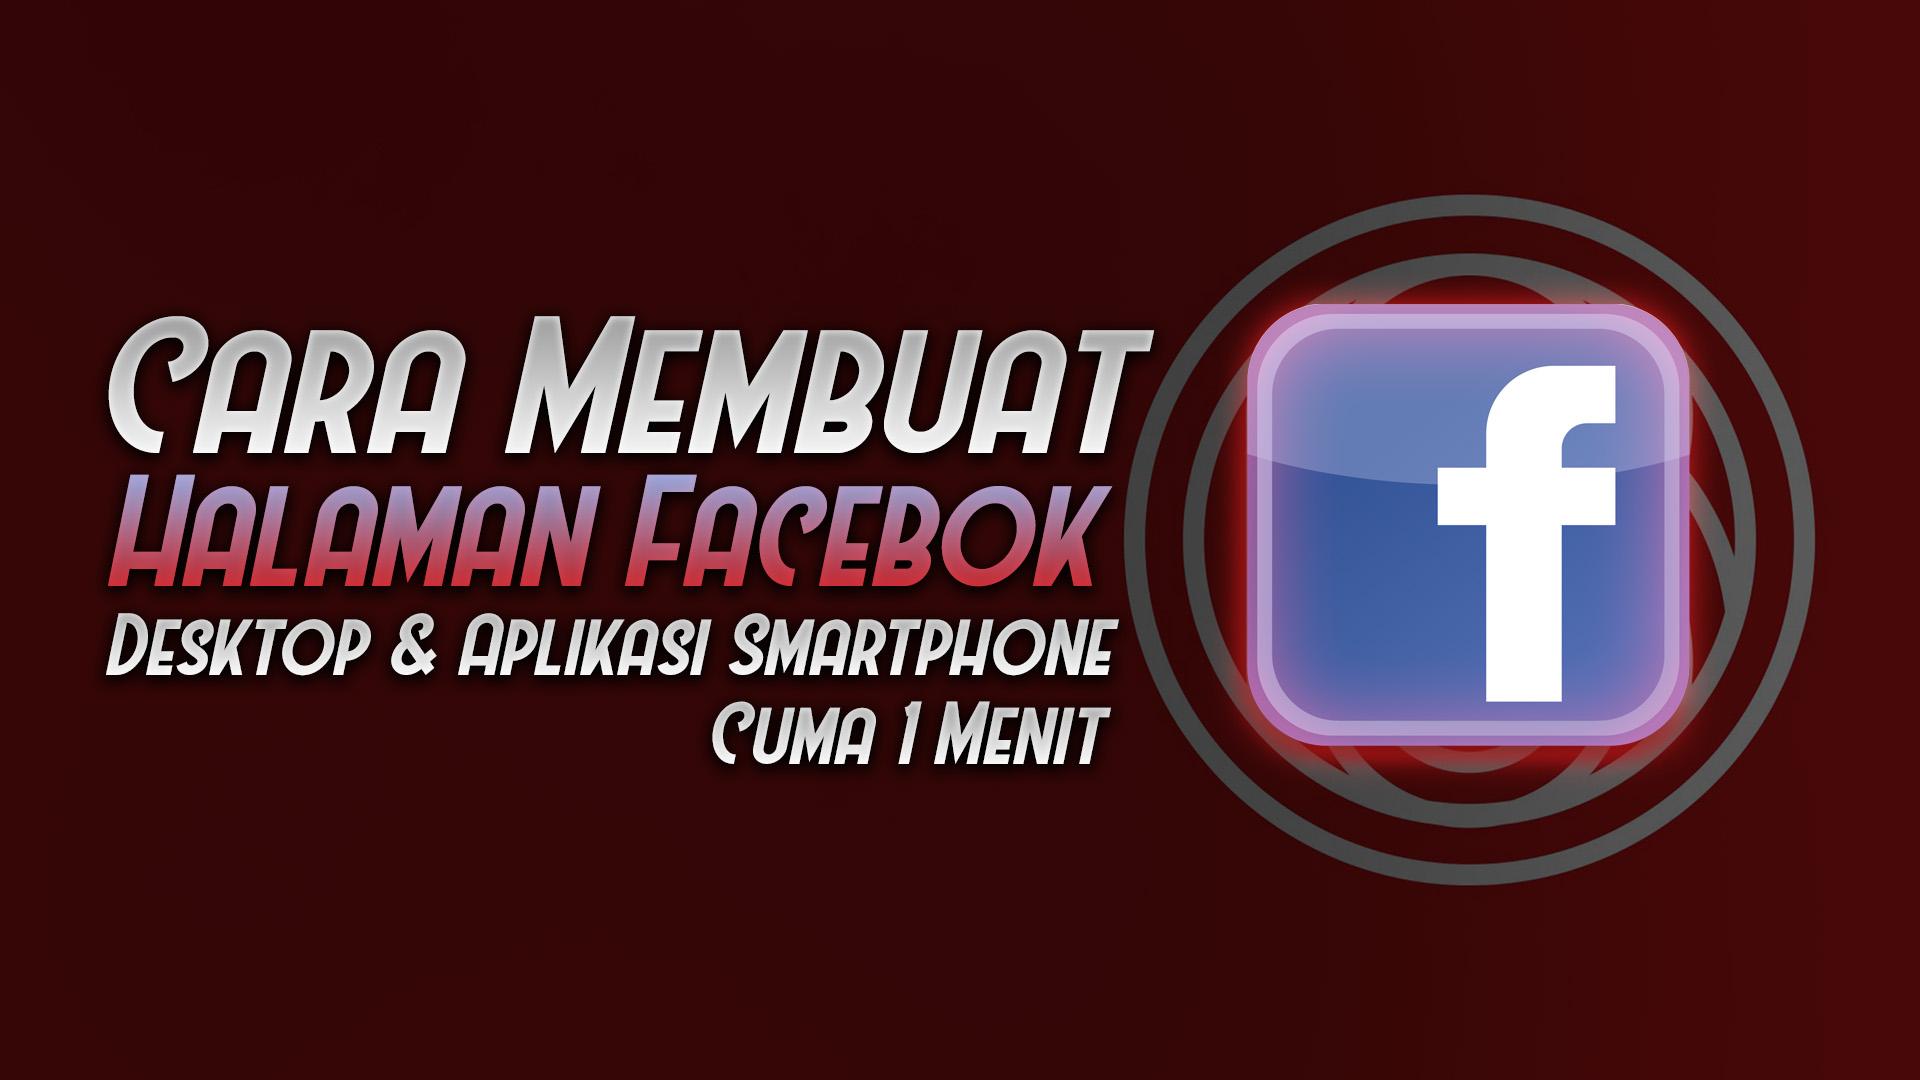 cara membuat halaman facebook fanpage desktop hp - rio bermano